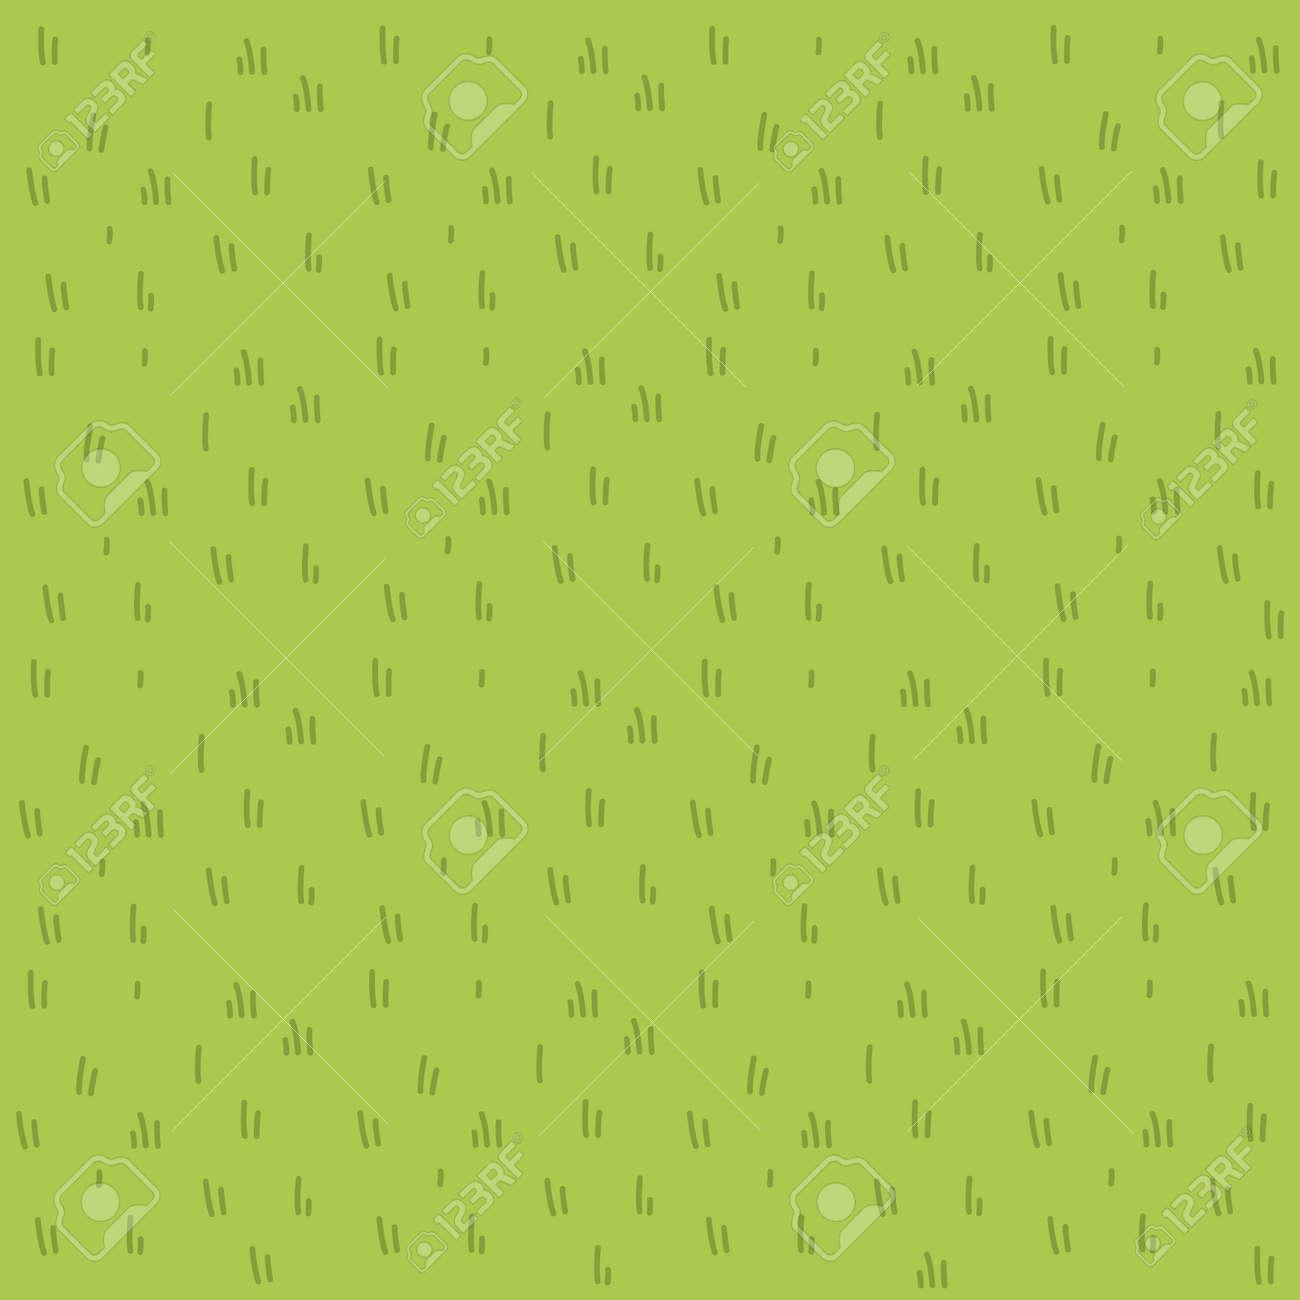 Cartoon grass vector flat pattern - 115927752